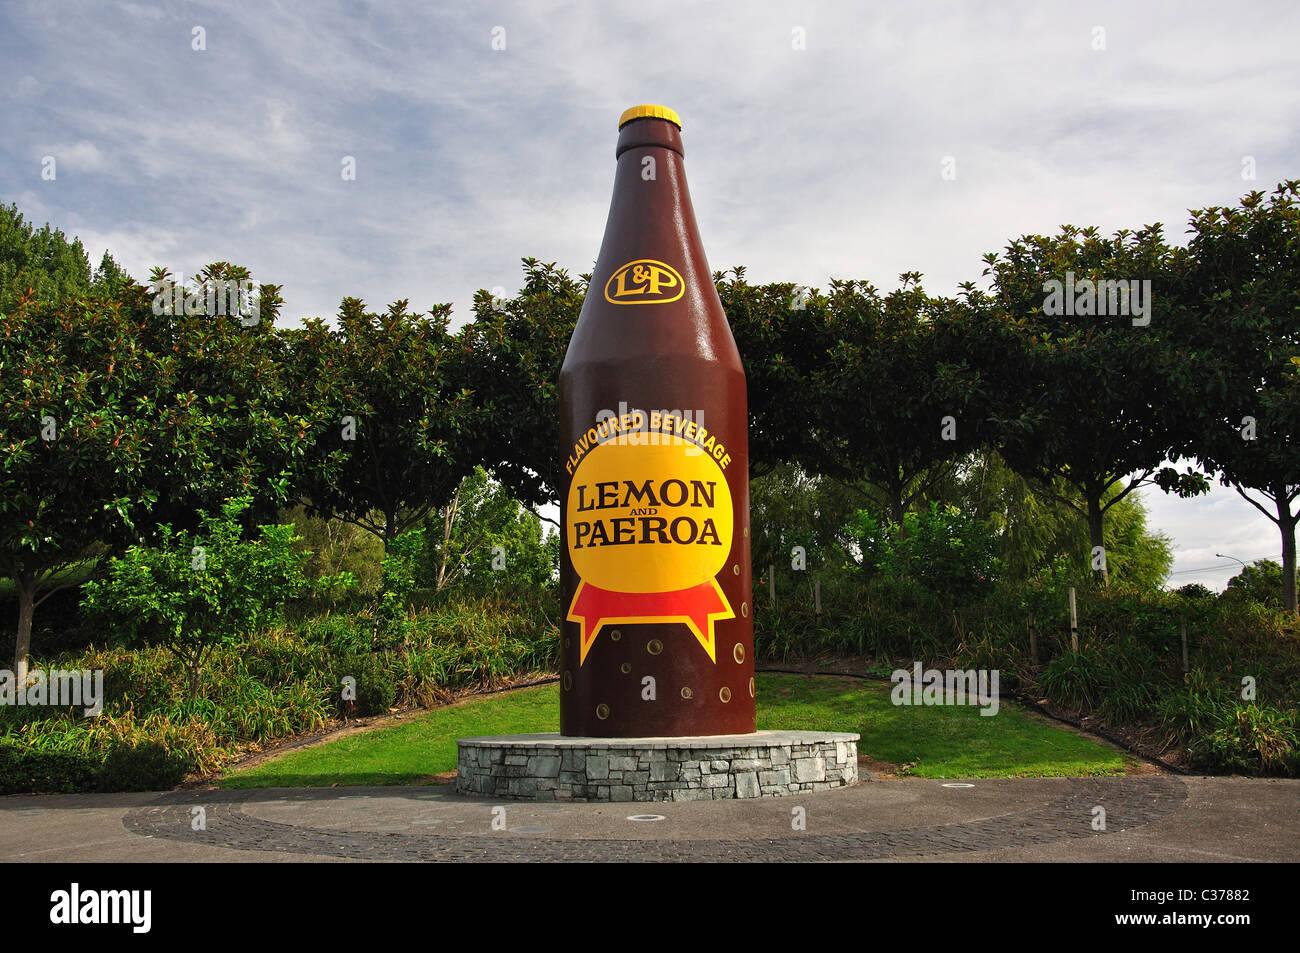 'Lemon géant & Paeroa' bouteille de soda, Paeroa, de la région de Waikato, Nouvelle-Zélande, Photo Stock